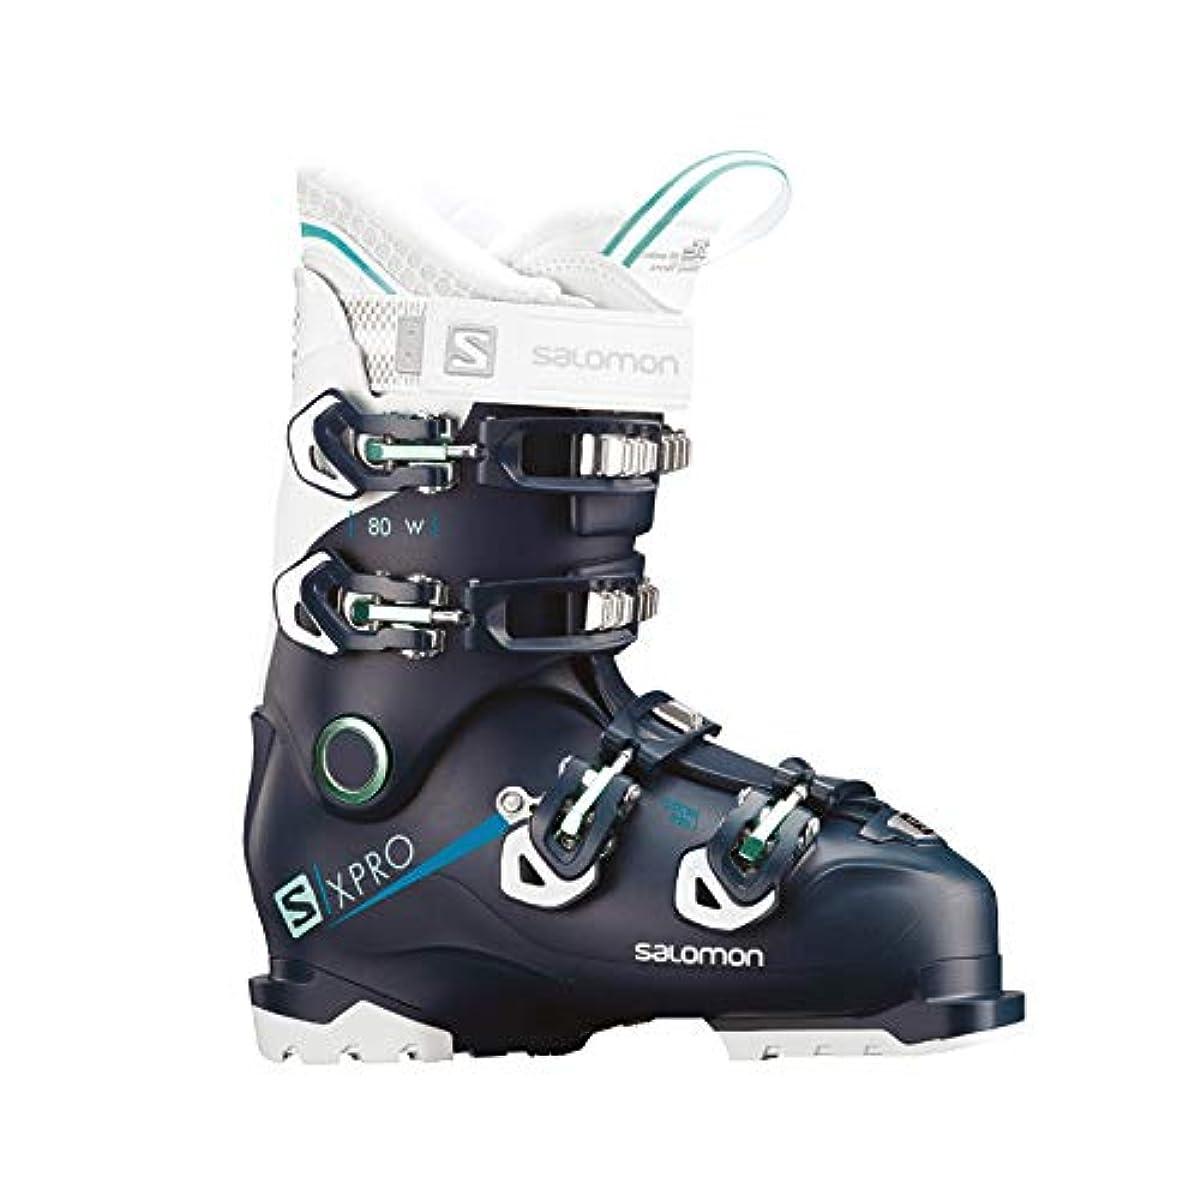 [해외] 살로몬SALOMON 스키화 레이디스 X PRO 80 W 2018-19년 모델 L40551800